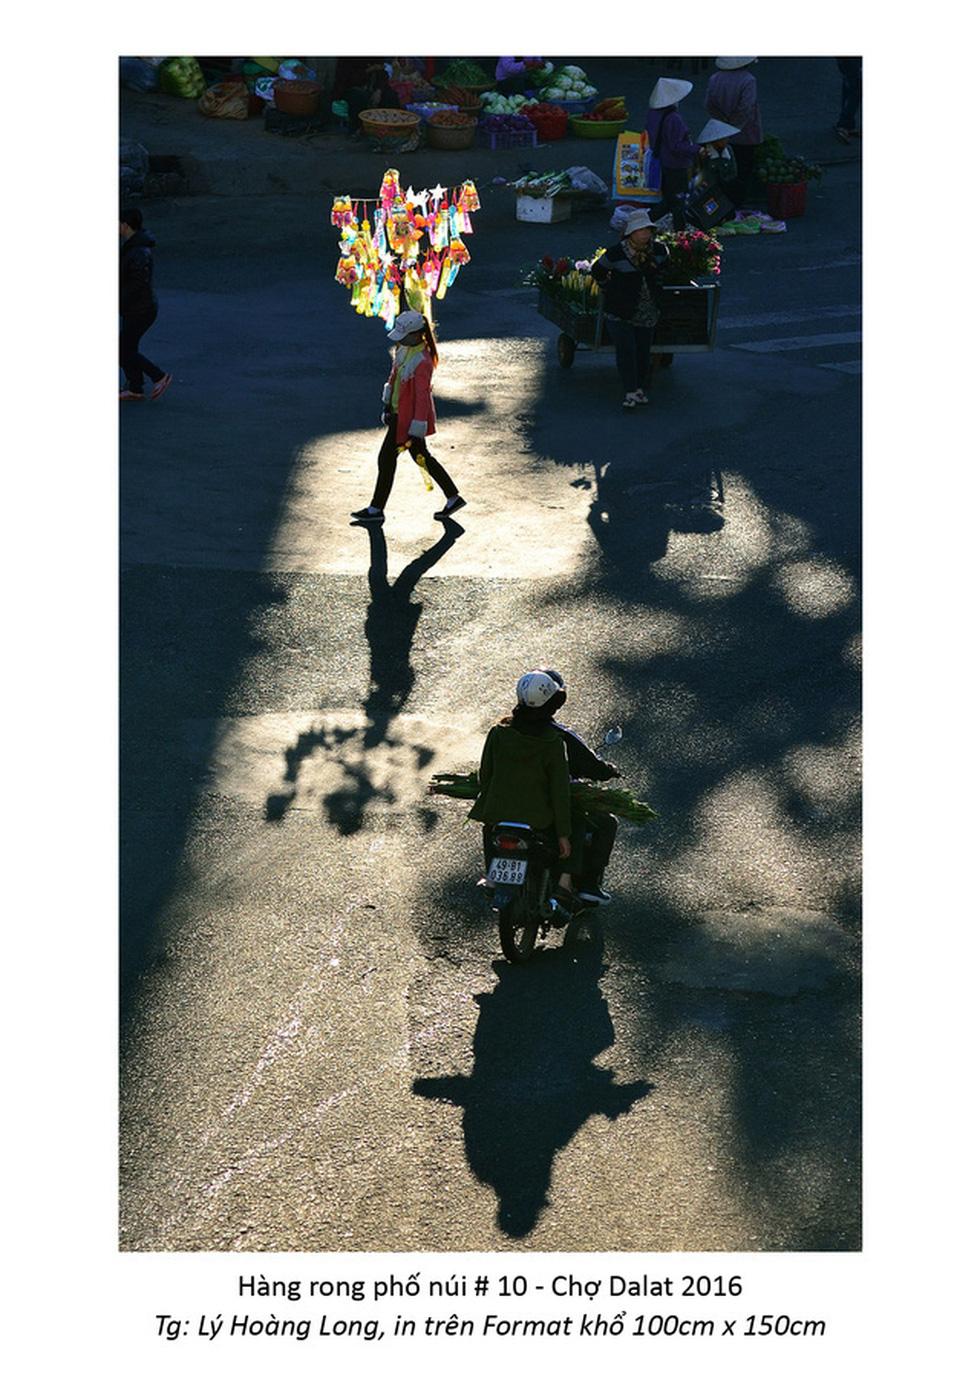 Dalat of Harmony: Tình yêu Đà Lạt trong chợ, trong sương - Ảnh 7.